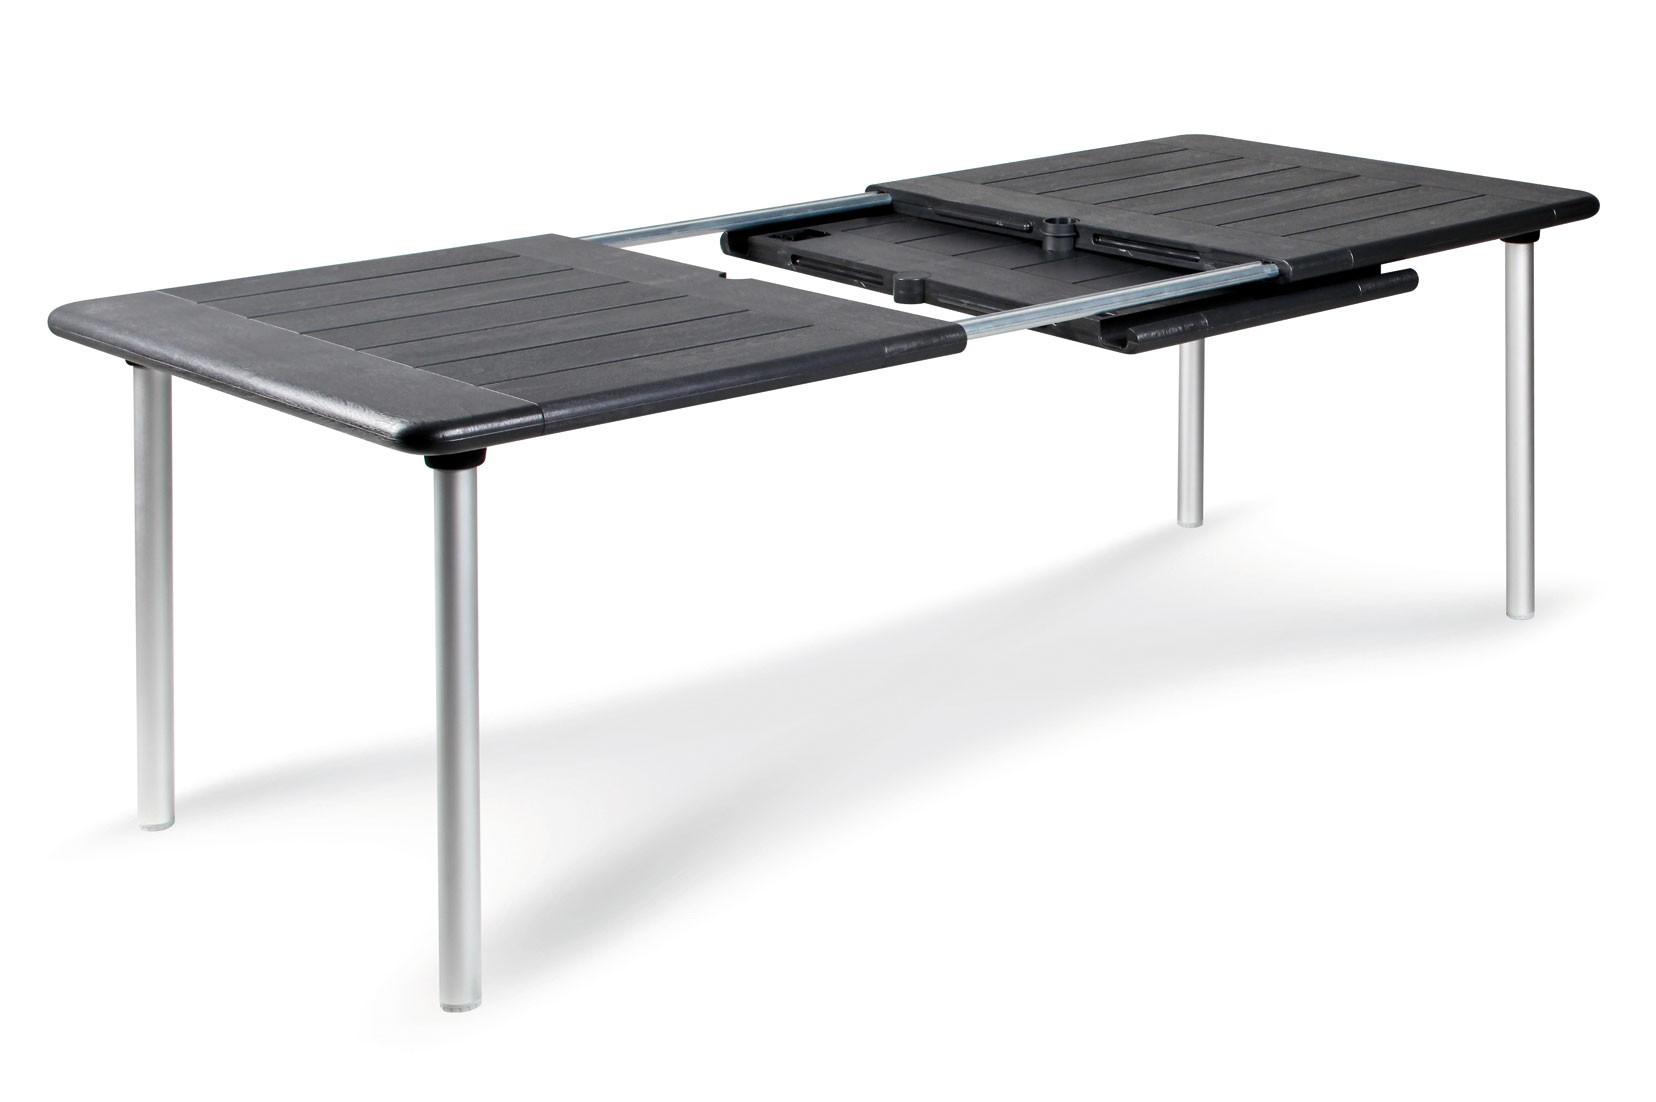 alu gartentisch ausziehbar affordable kleiner balkontisch with alu gartentisch ausziehbar. Black Bedroom Furniture Sets. Home Design Ideas